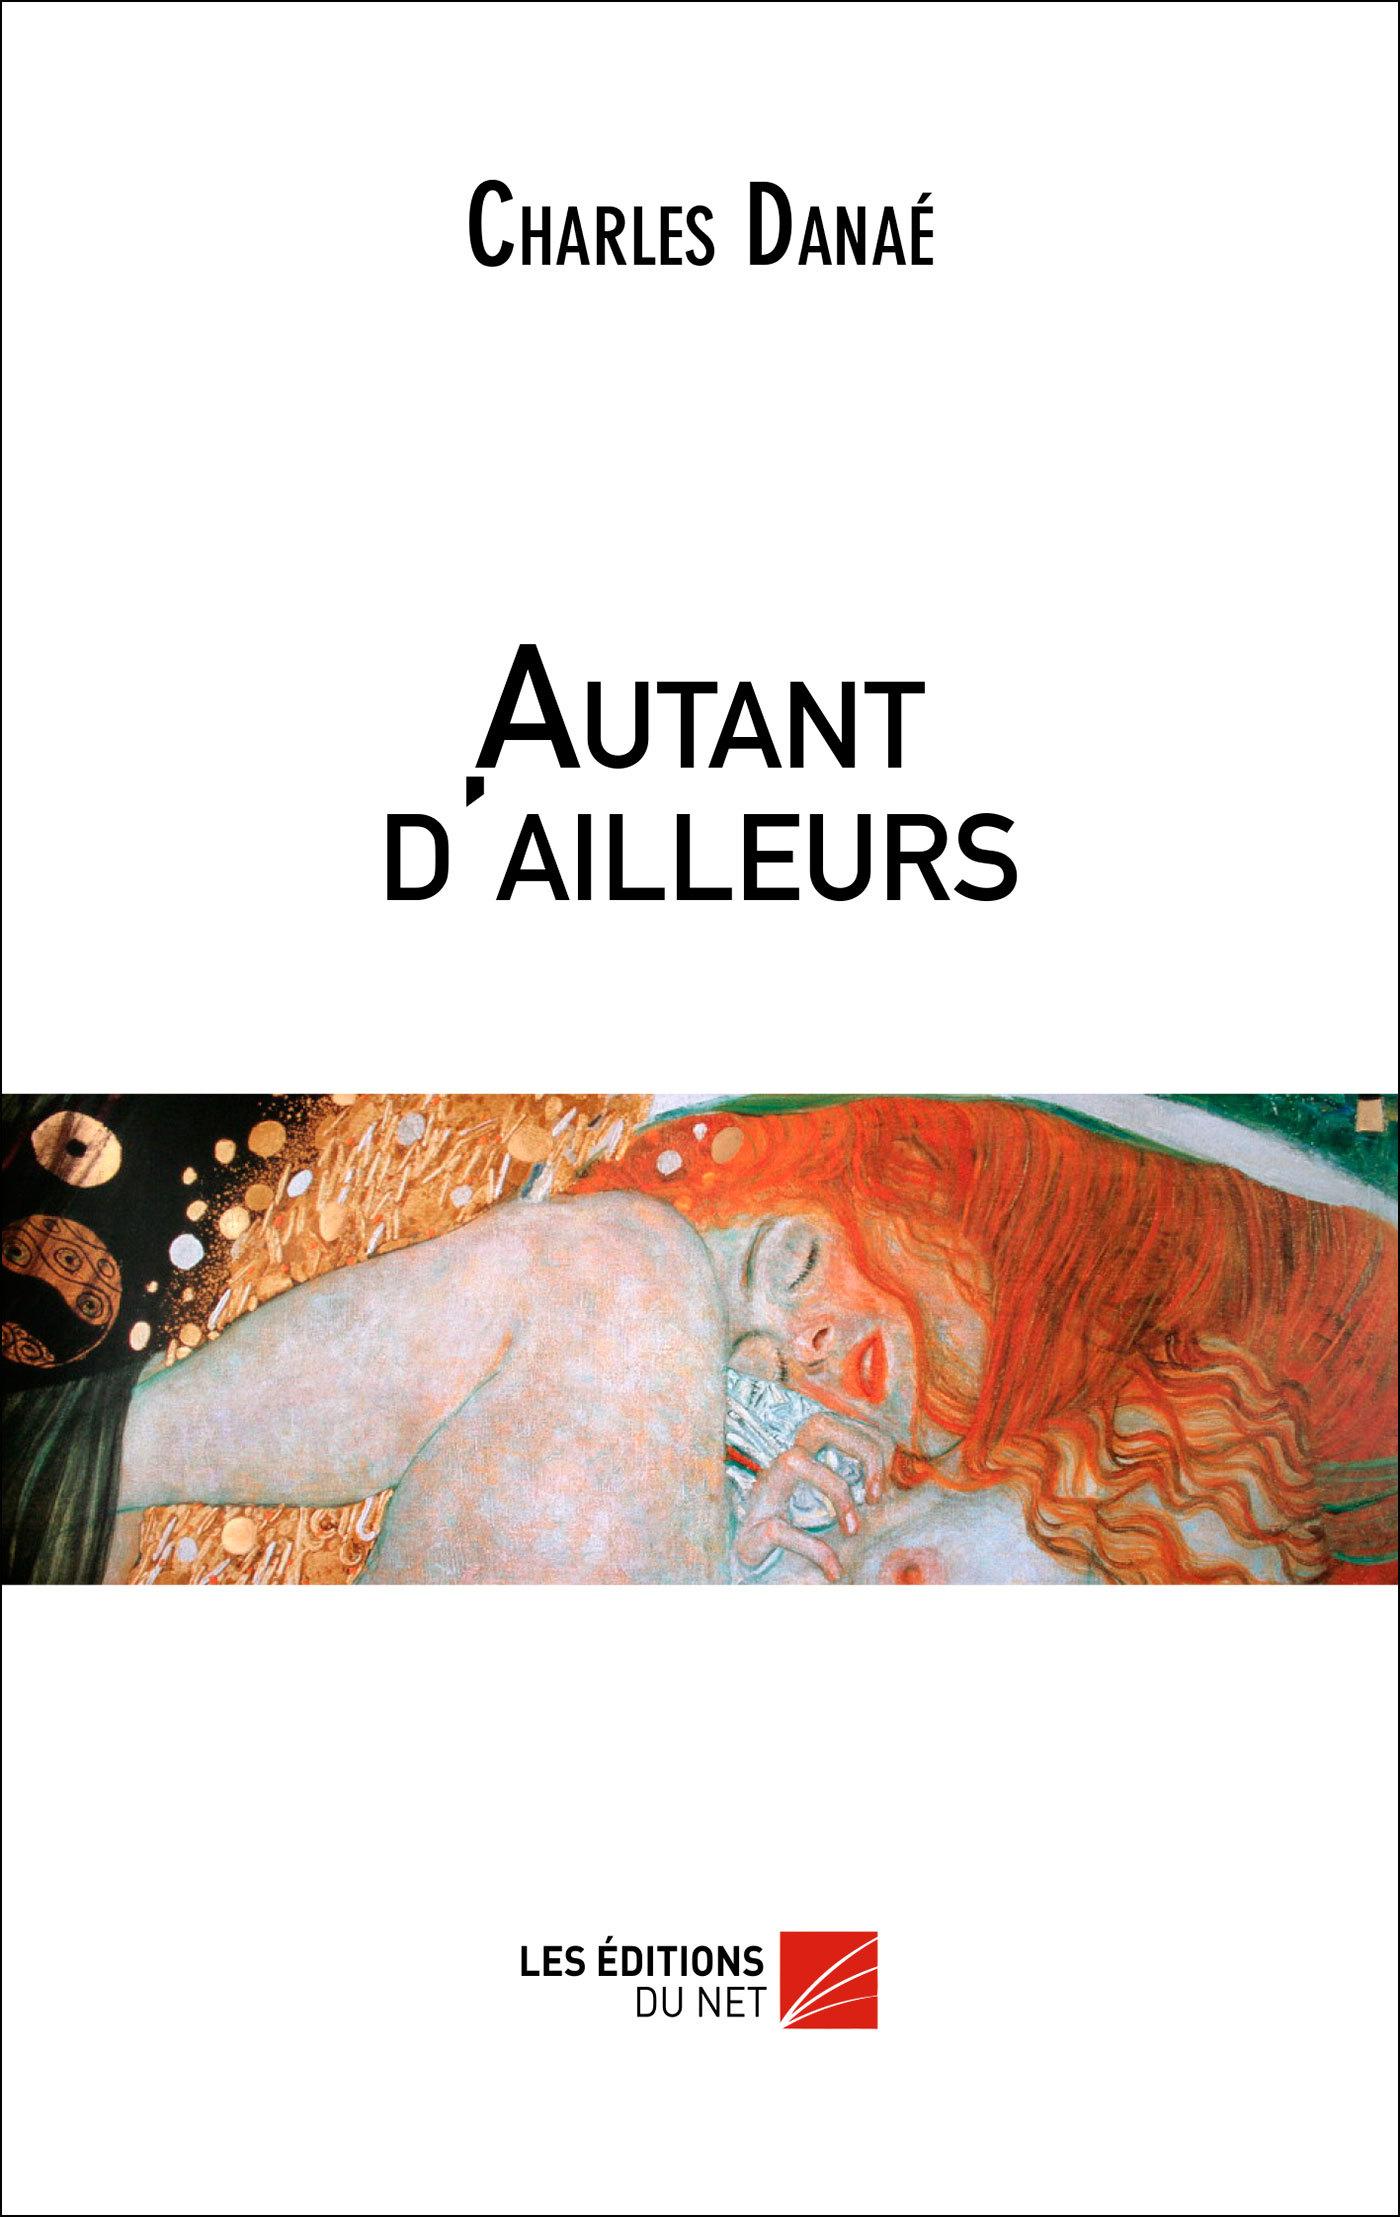 AUTANT D'AILLEURS